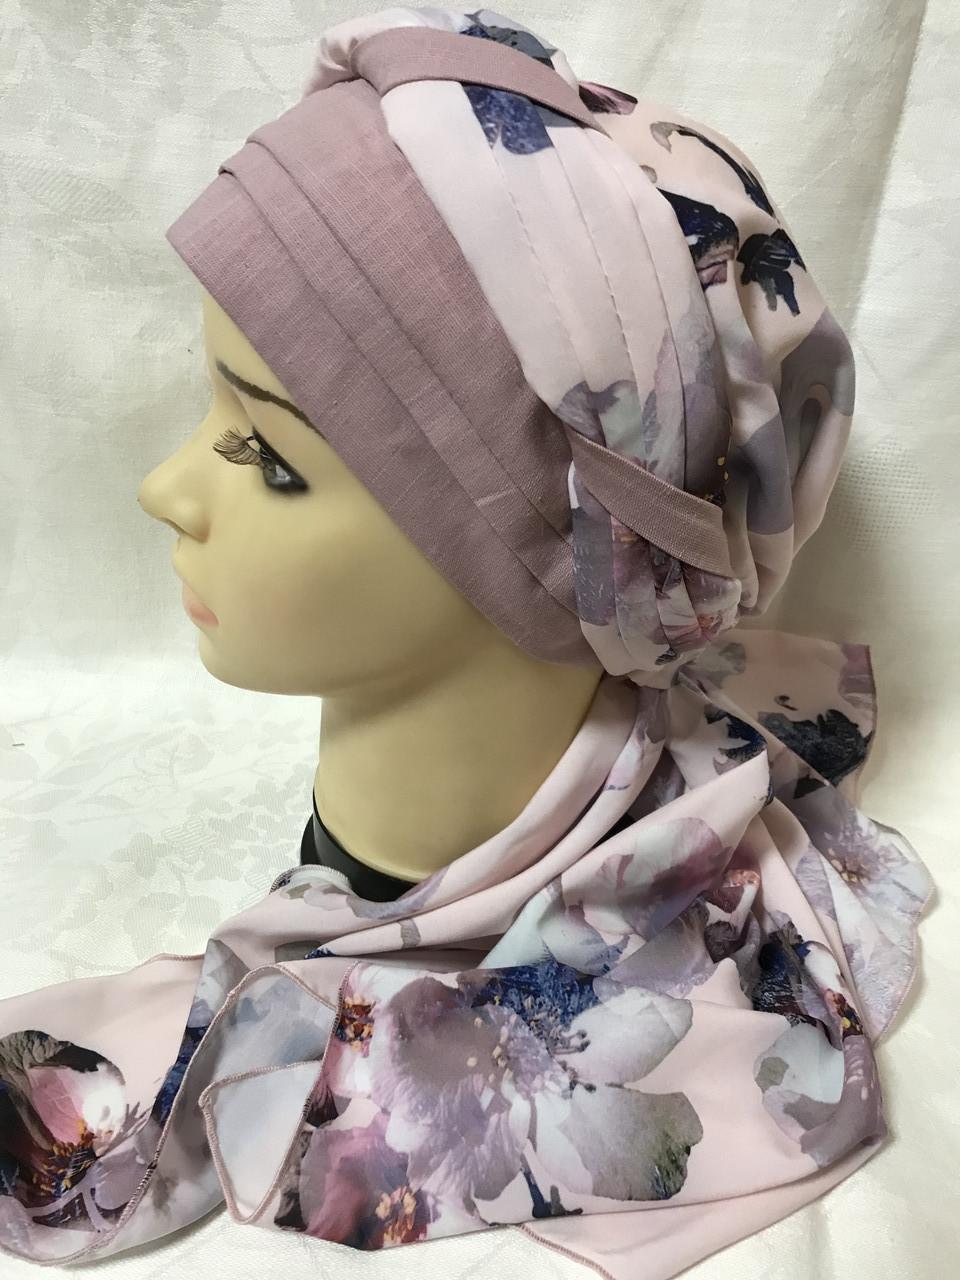 Летняя бандана-косынка-тюрбан  с объёмной драпировкой розовый  и терракотовый